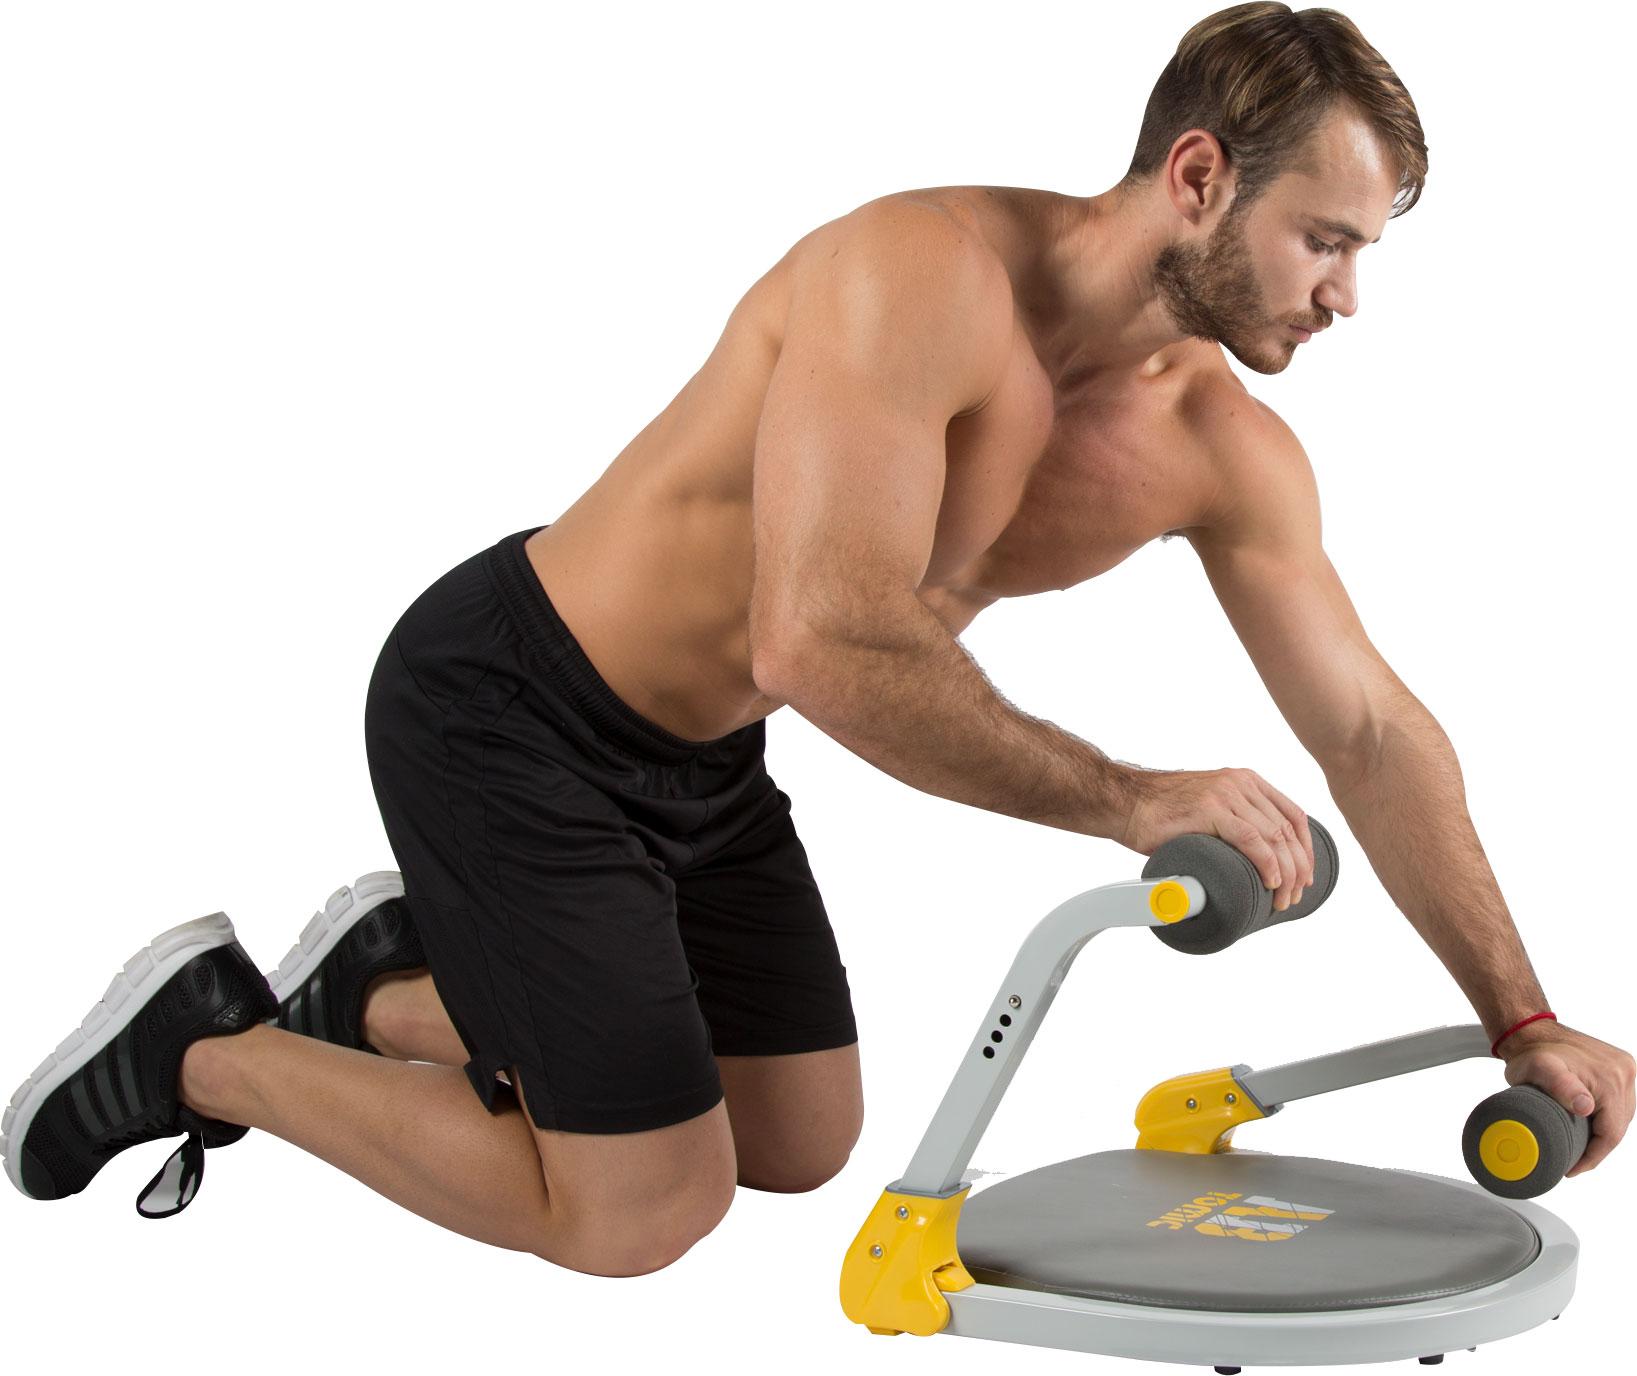 Hombre utilizando el aparato de ejercicio Ab Tomic, haciendo el ejercicio Empuje de brazos.